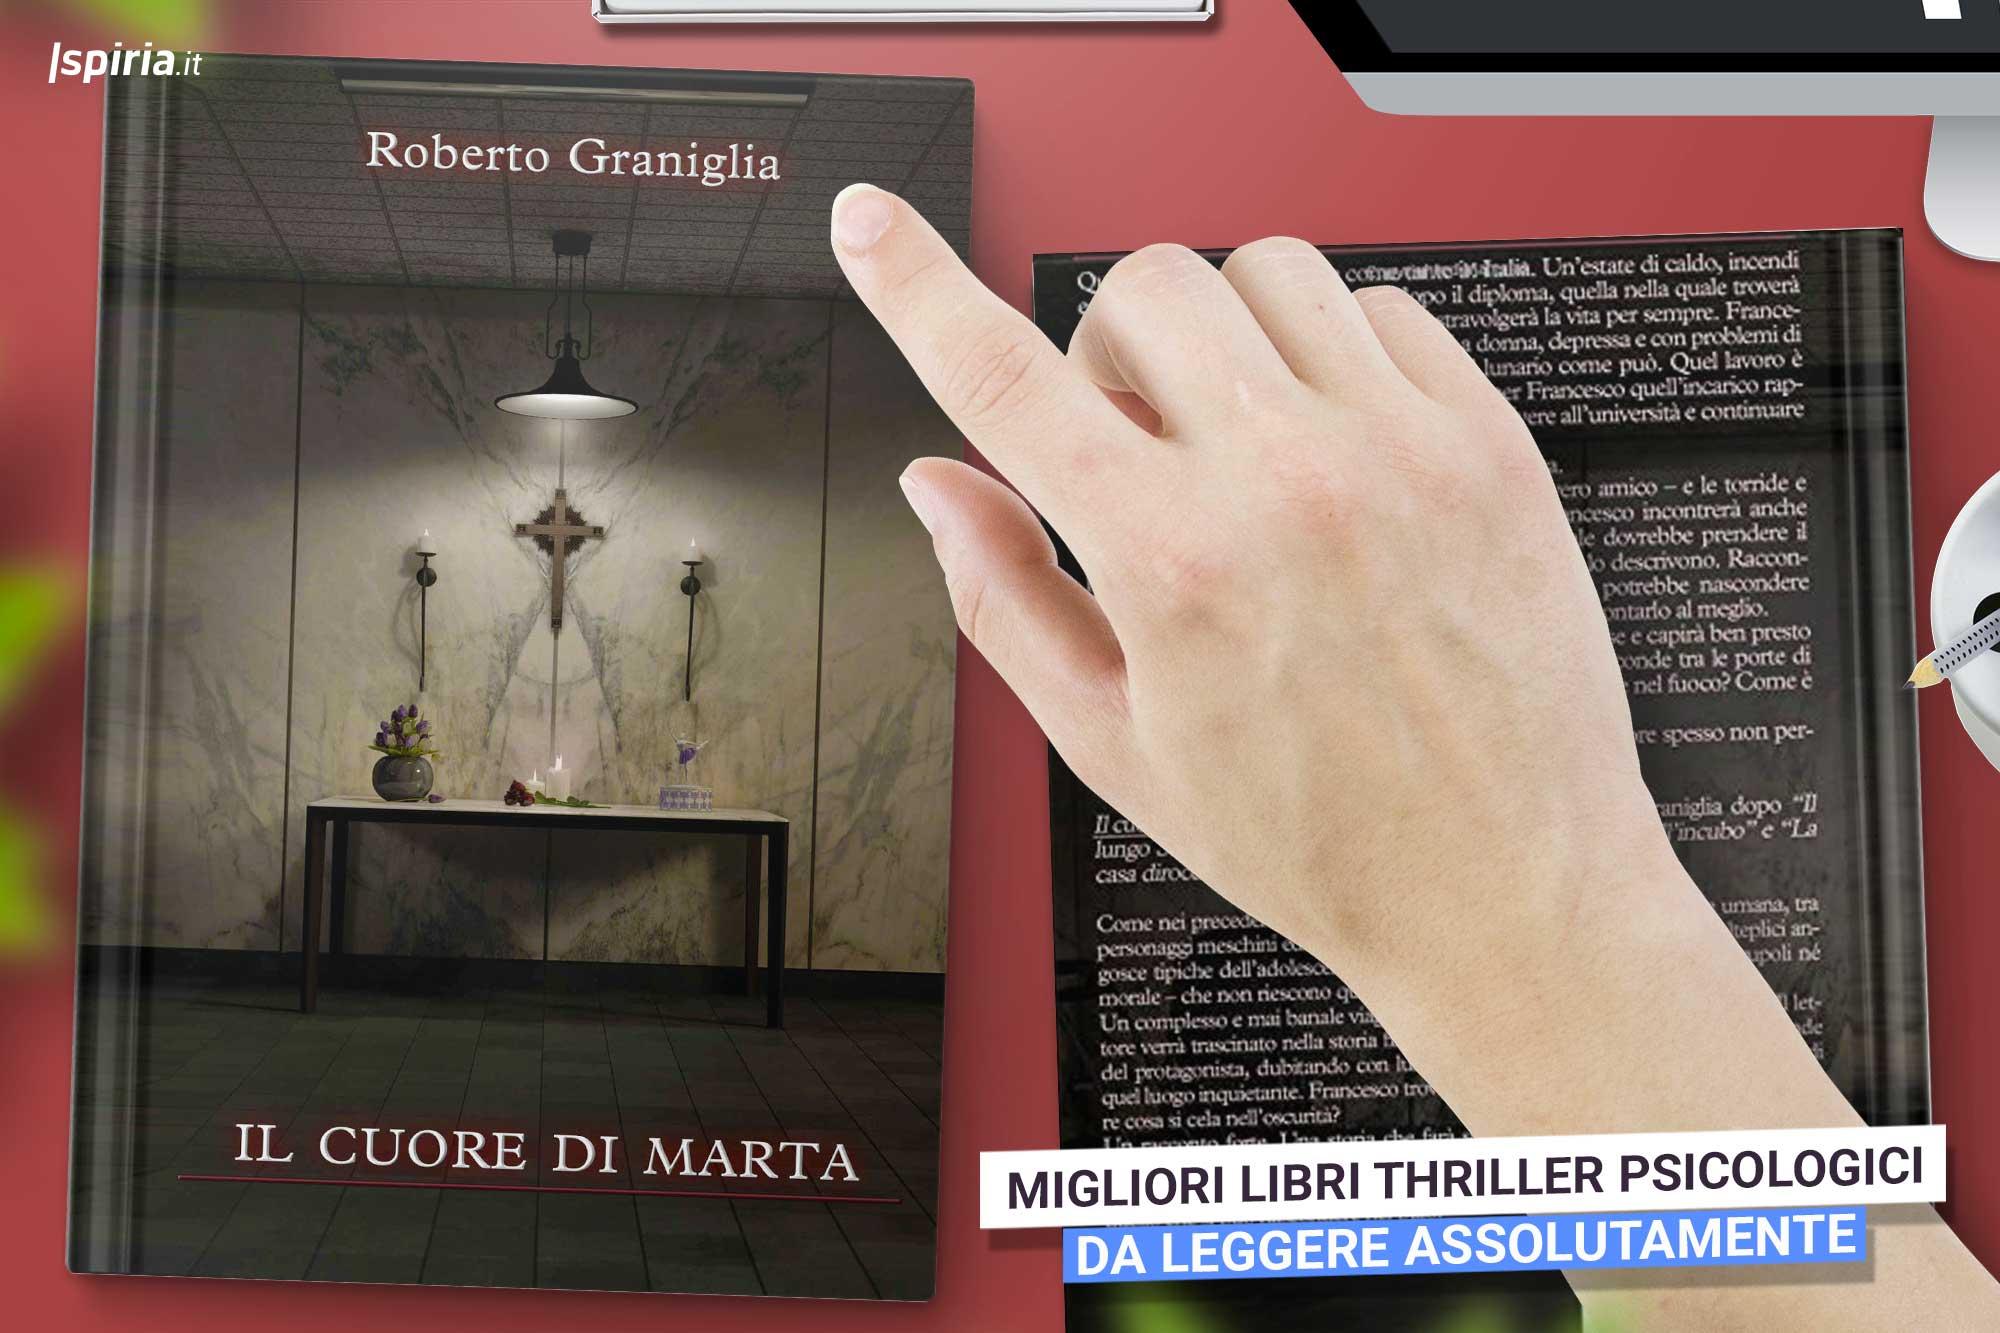 migliori-libri-thriller-psicologici-cuore-di-marta